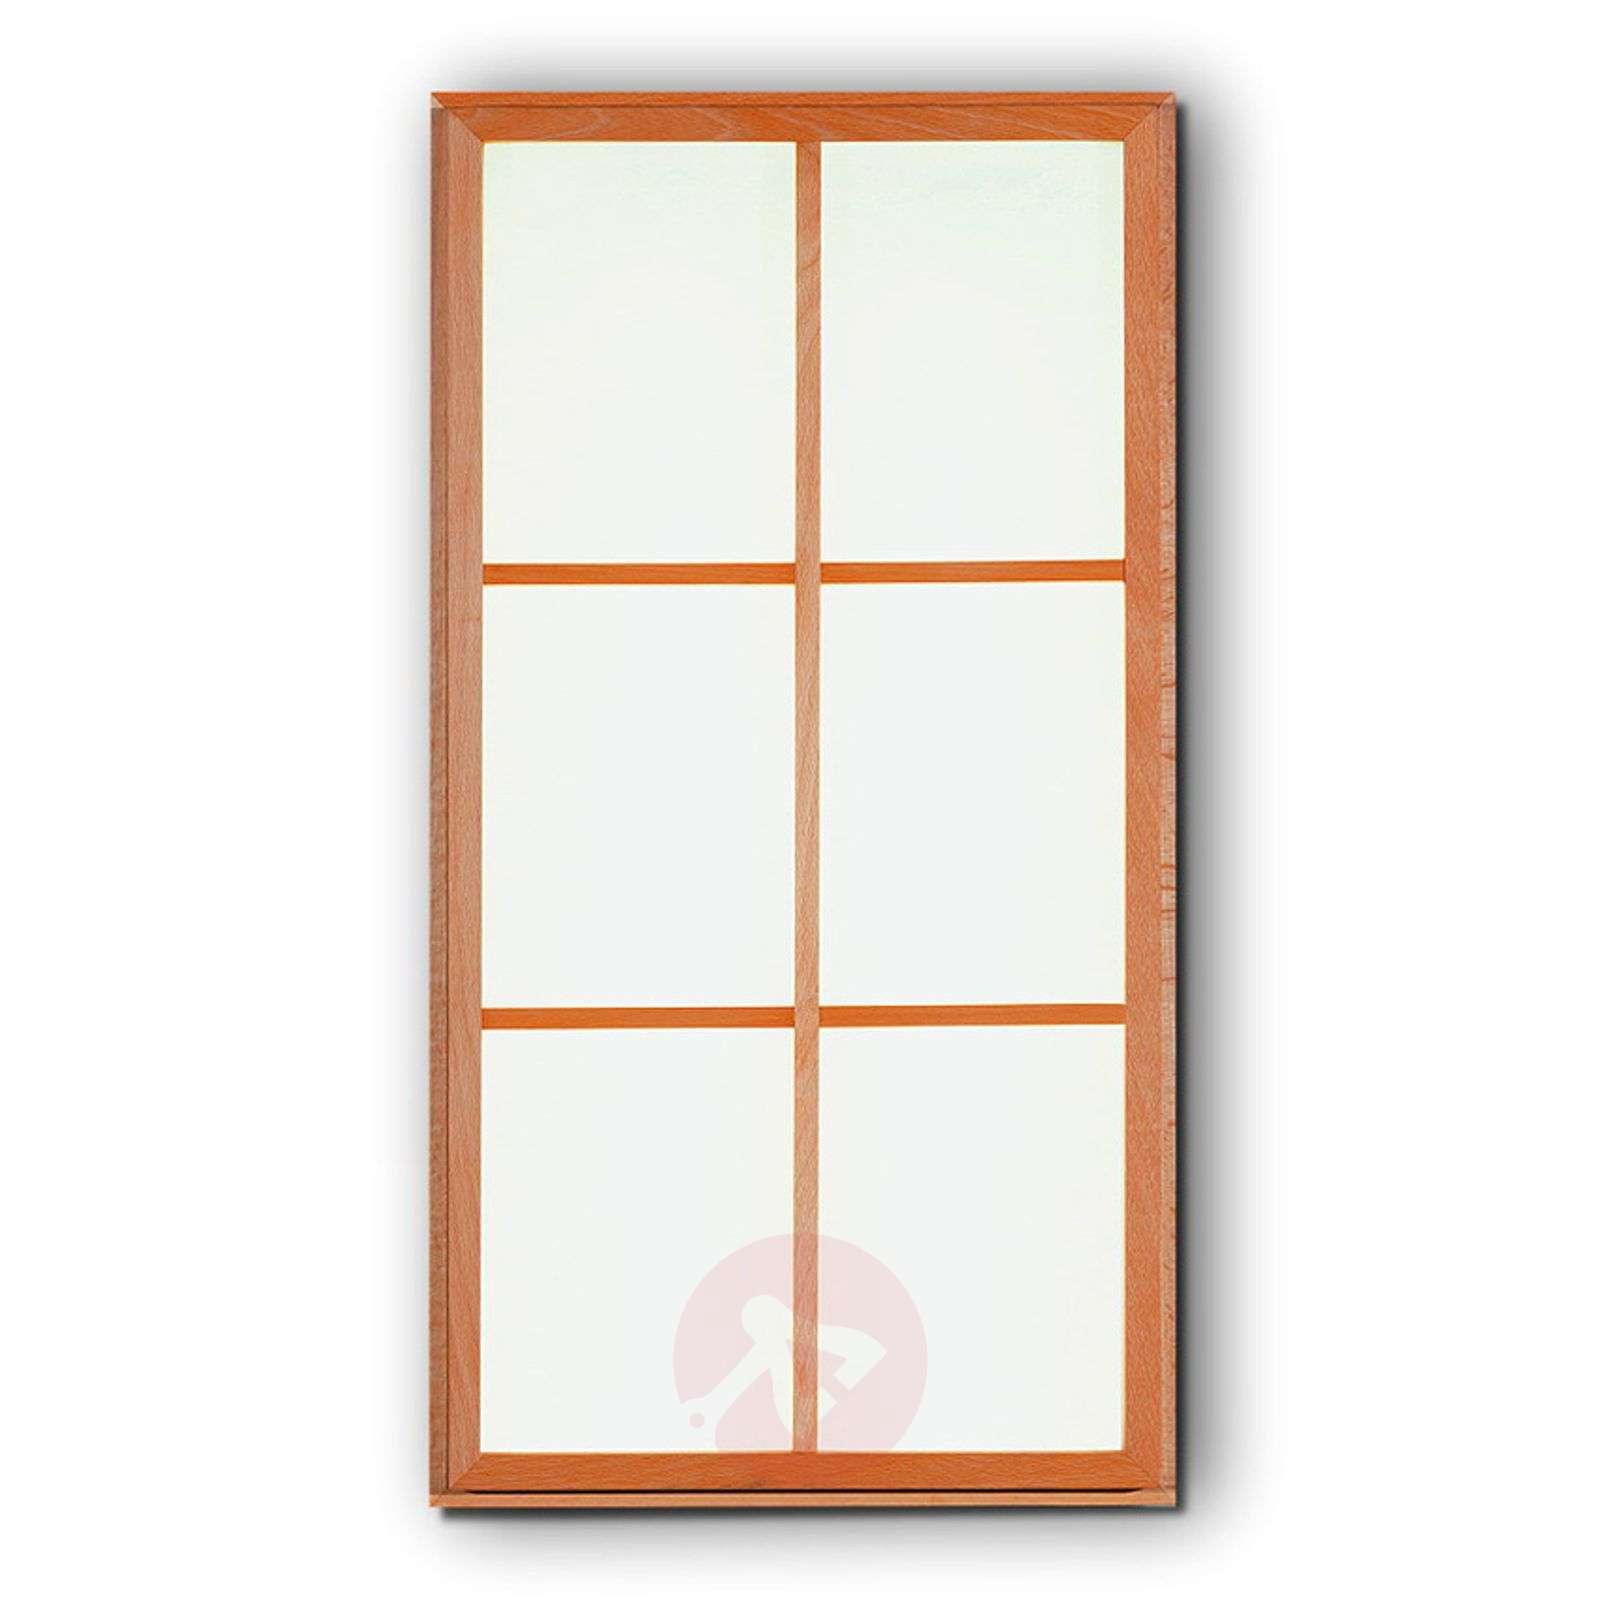 Suorakulmainen kattovalaisin Kioto6-2600515-01